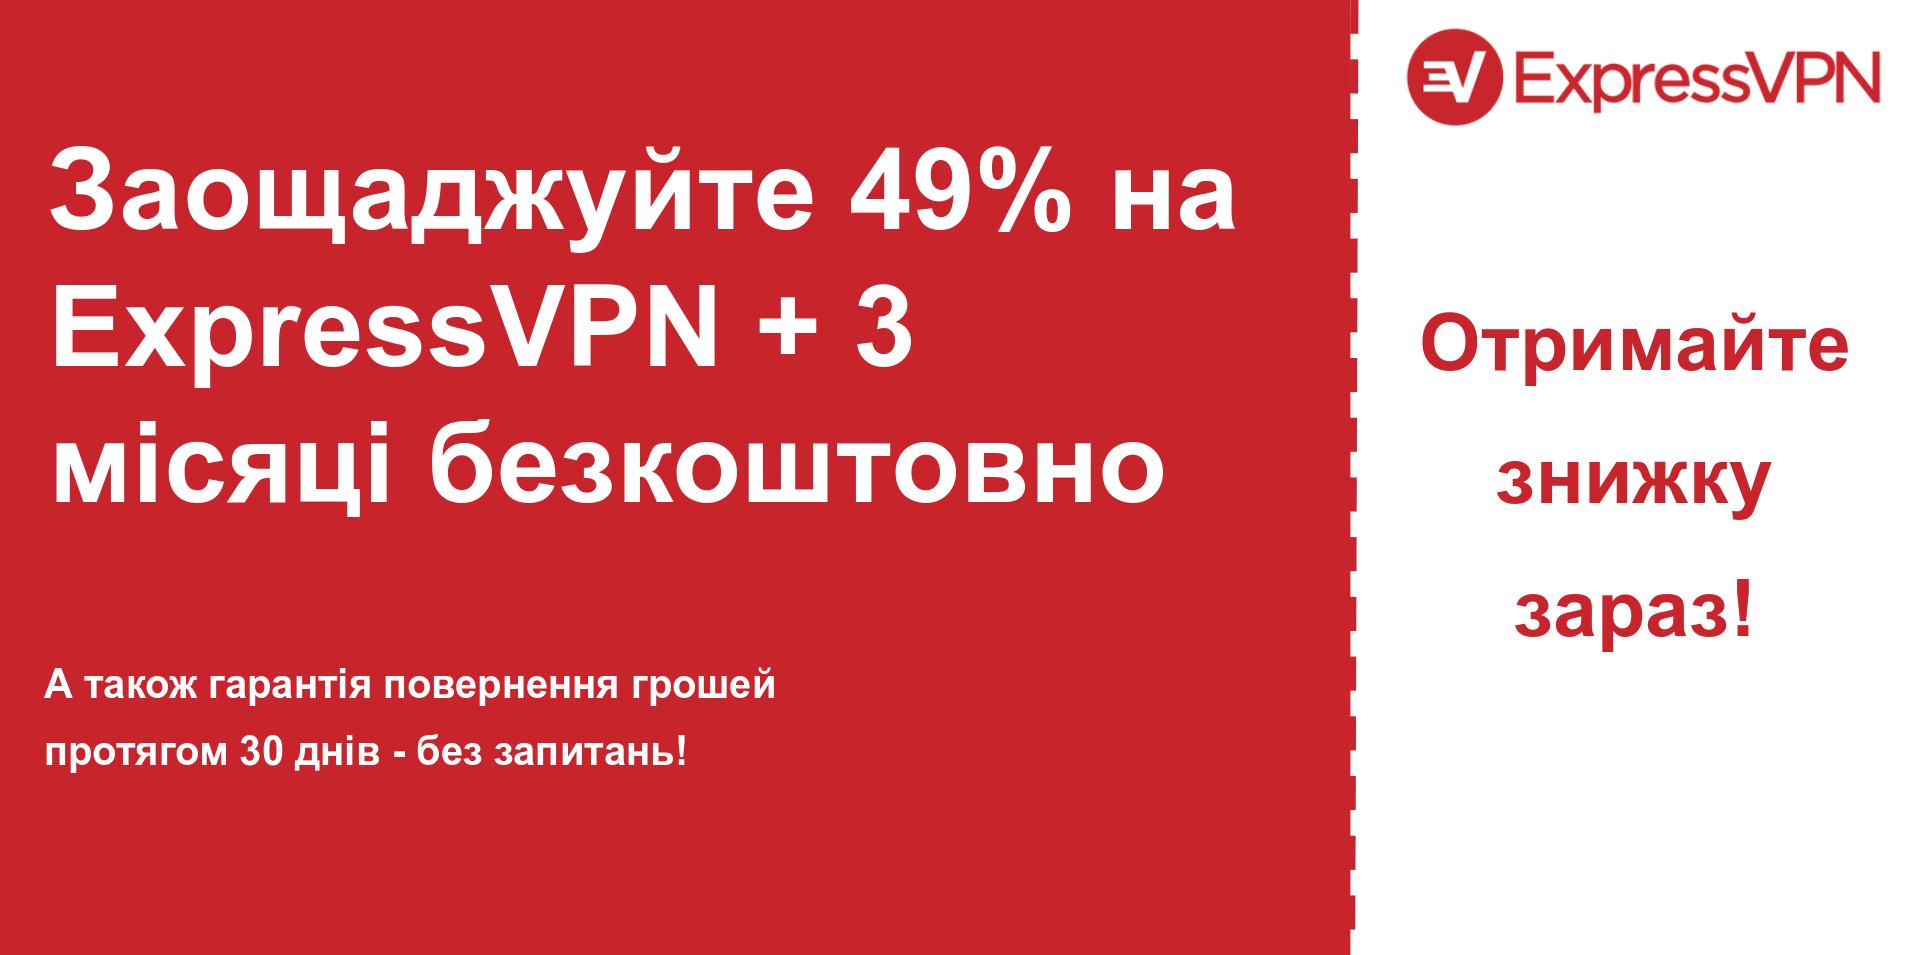 графічний банер основного купона ExpressVPN, який показує знижку на 49%